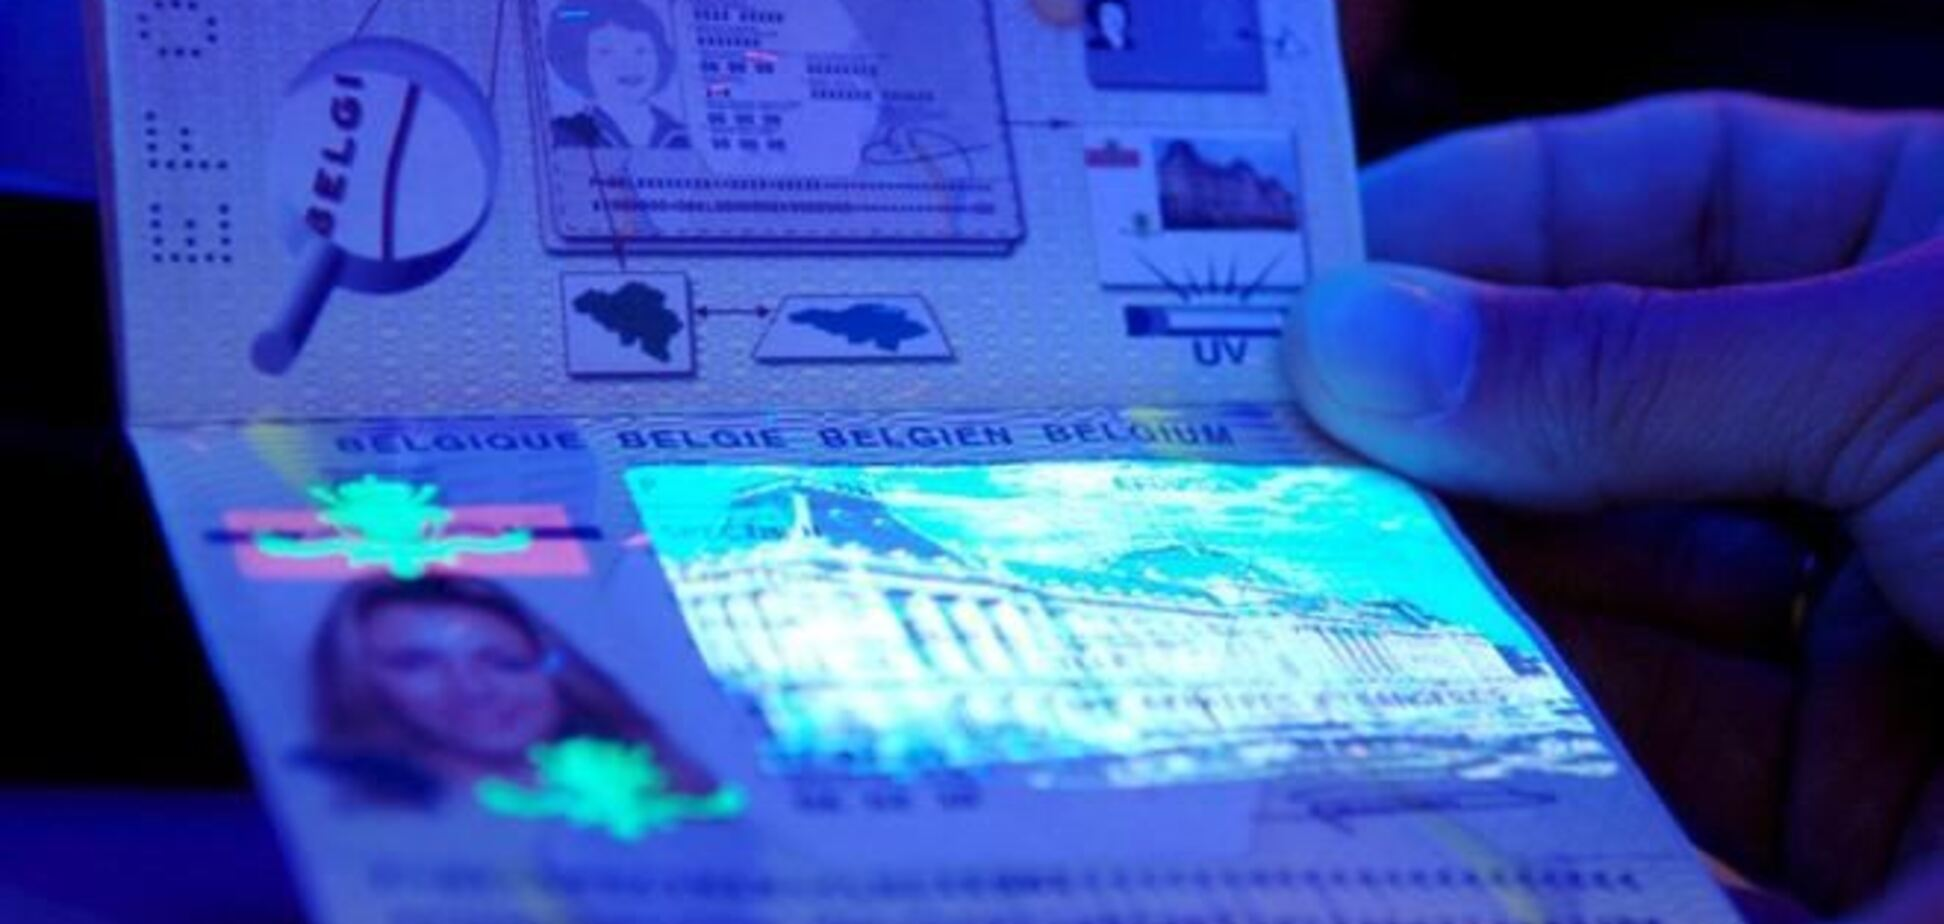 Українцям пообіцяли біометричні паспорти вже в 2014 р.